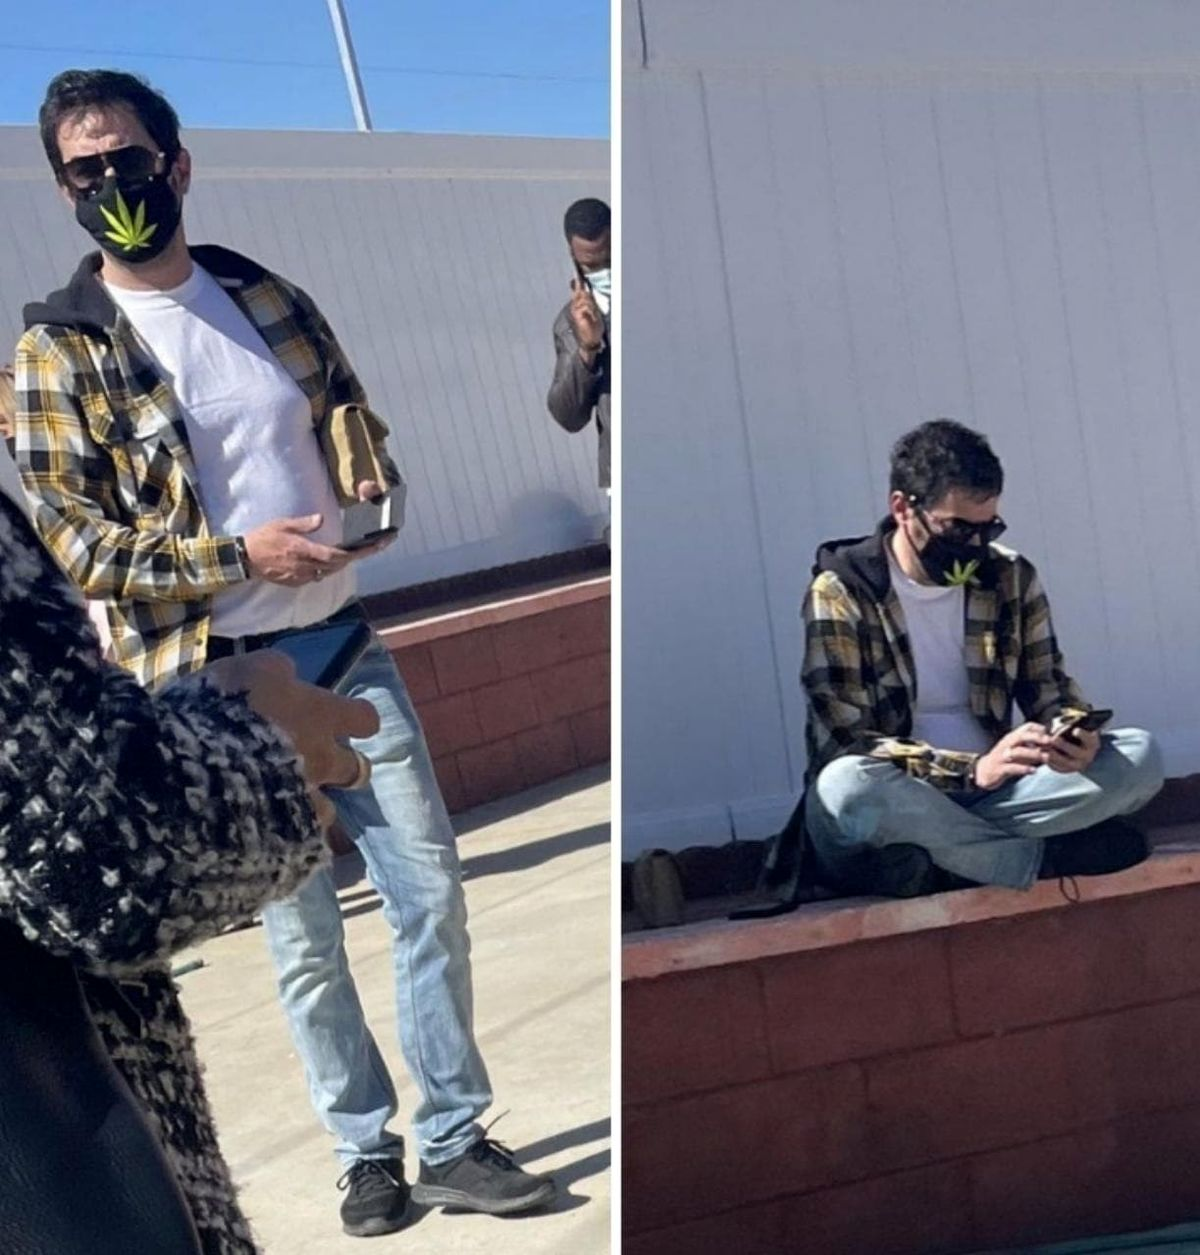 واکسن زدن شهاب حسینی در آمریکا واقعیت دارد!؟+عکس